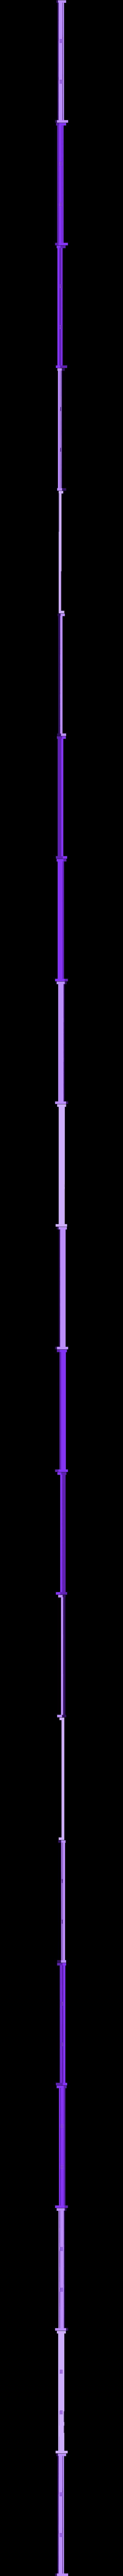 sup_column_3floor_a.stl Télécharger fichier STL gratuit Ripper's London - The (Modular) Factory • Modèle pour imprimante 3D, Earsling